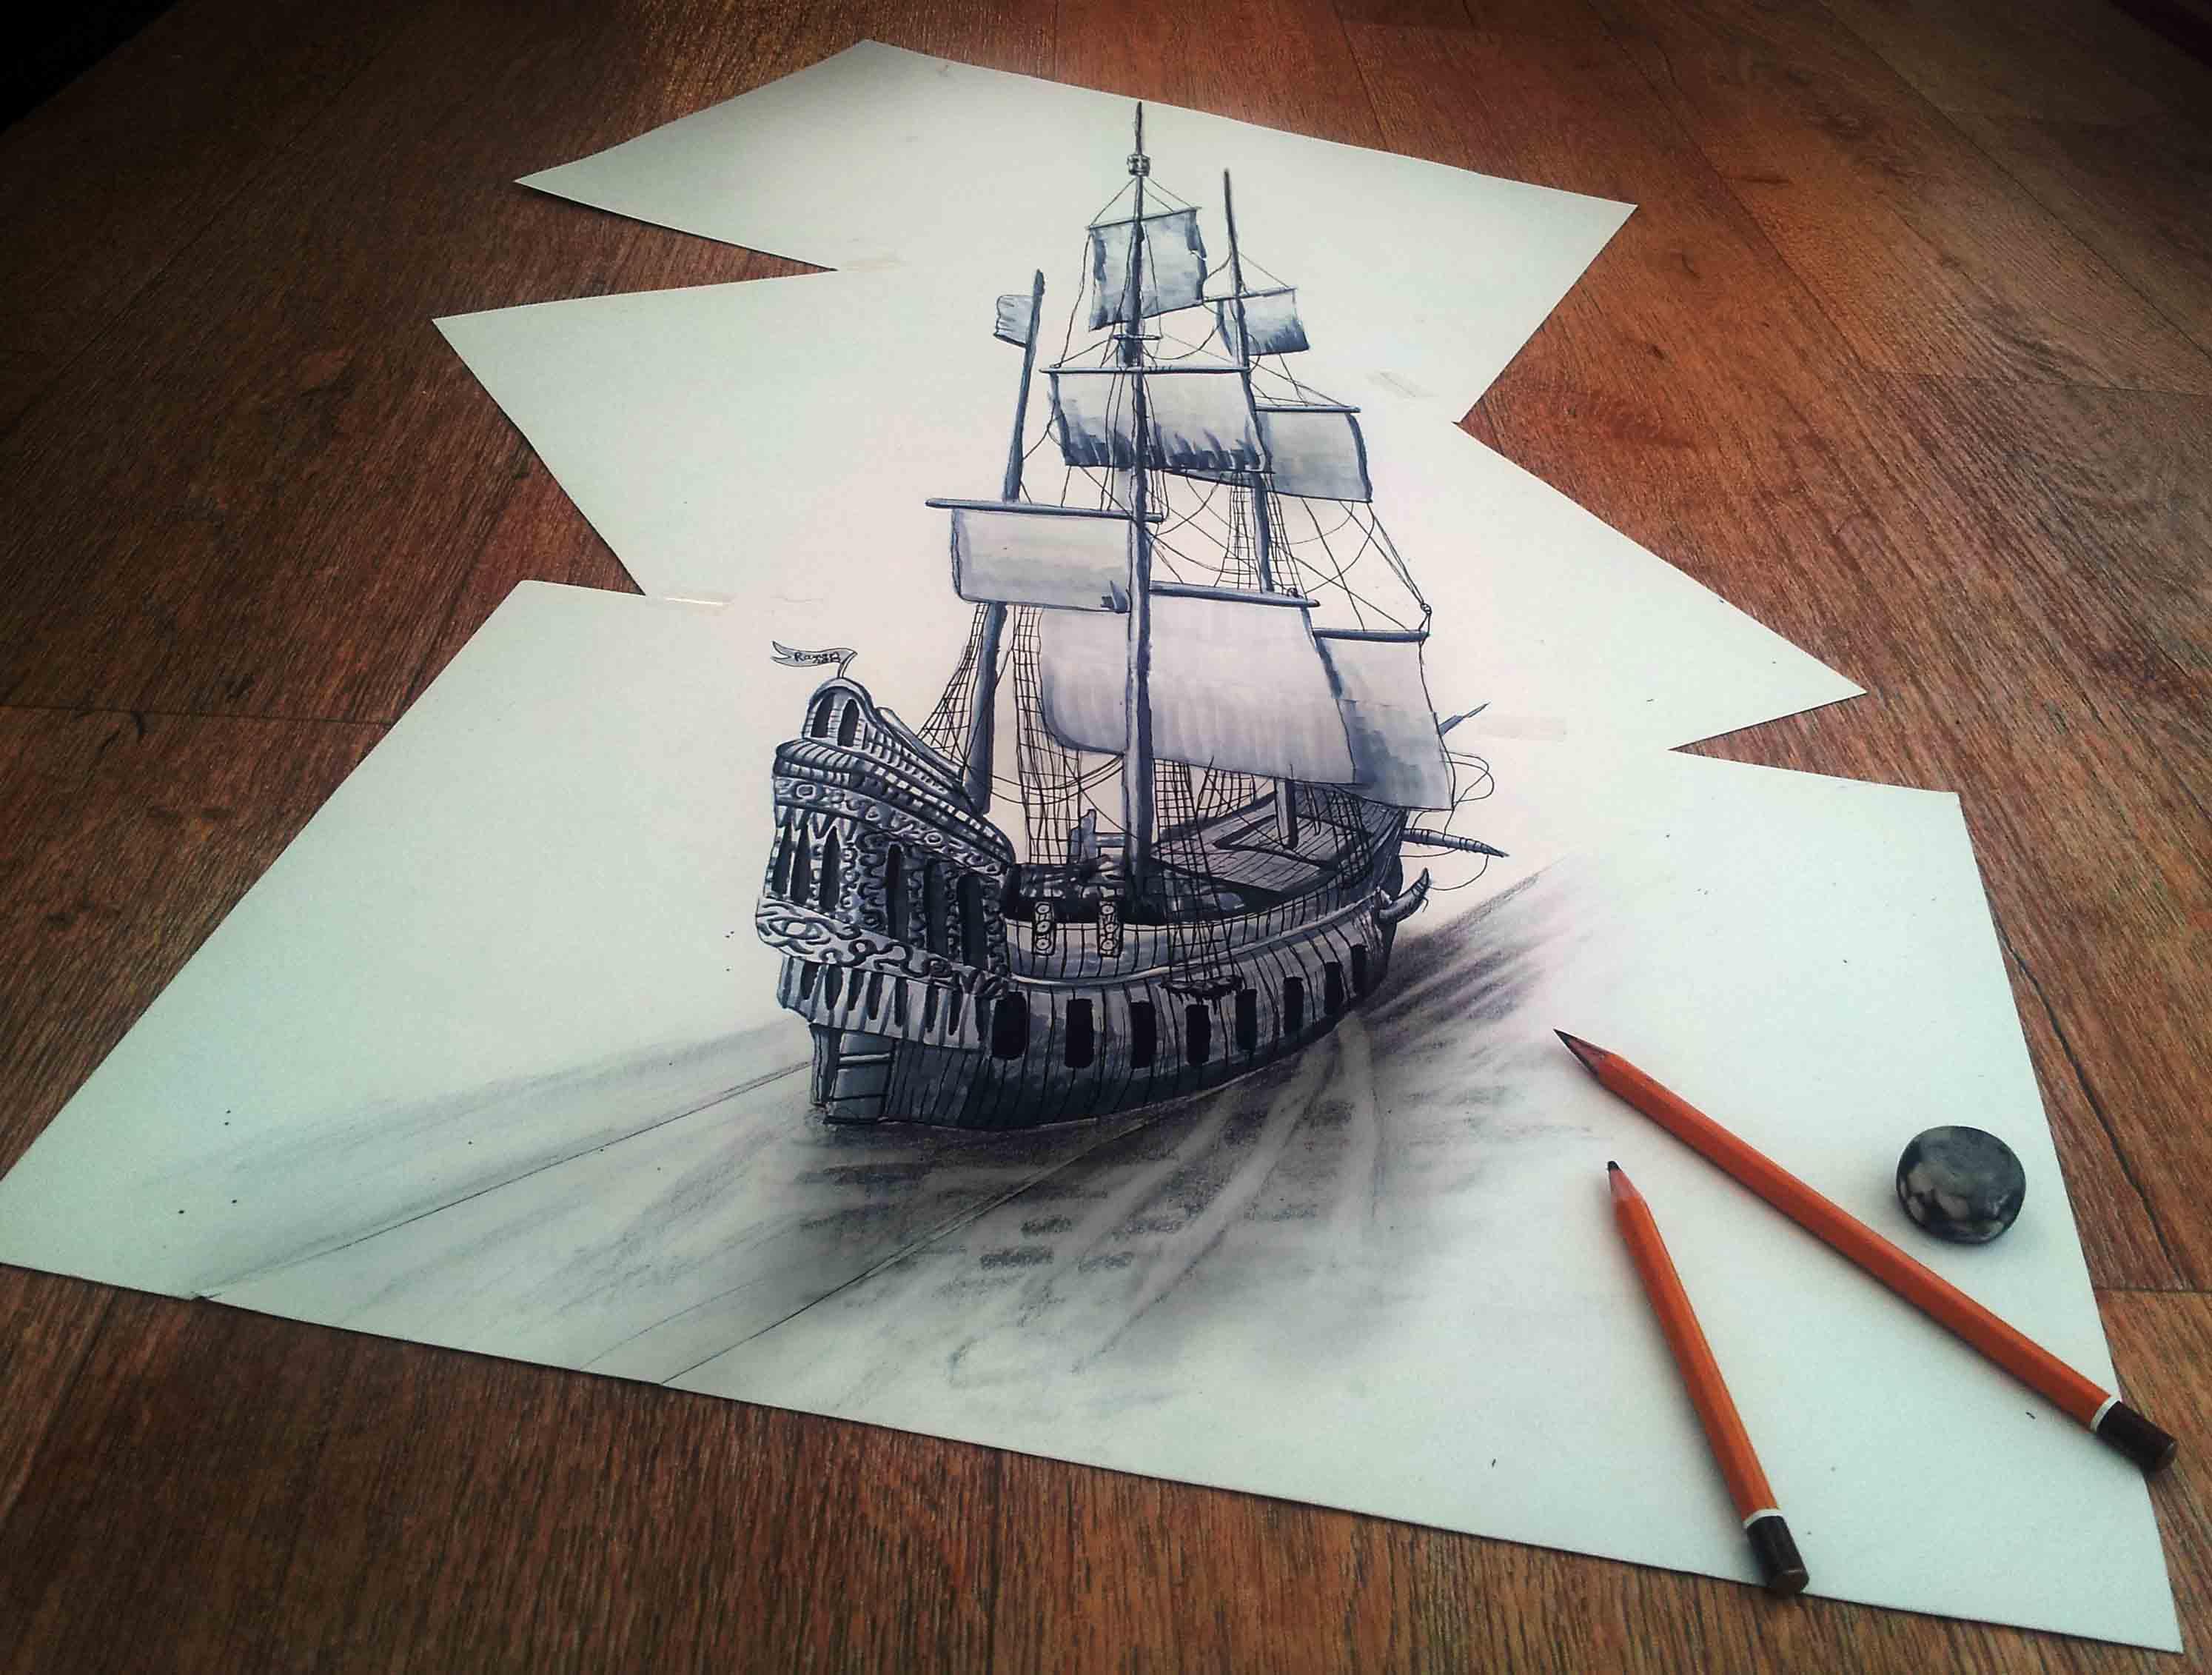 صور رسومات ثلاثية الابعاد , اجمل صور للفن الحديث